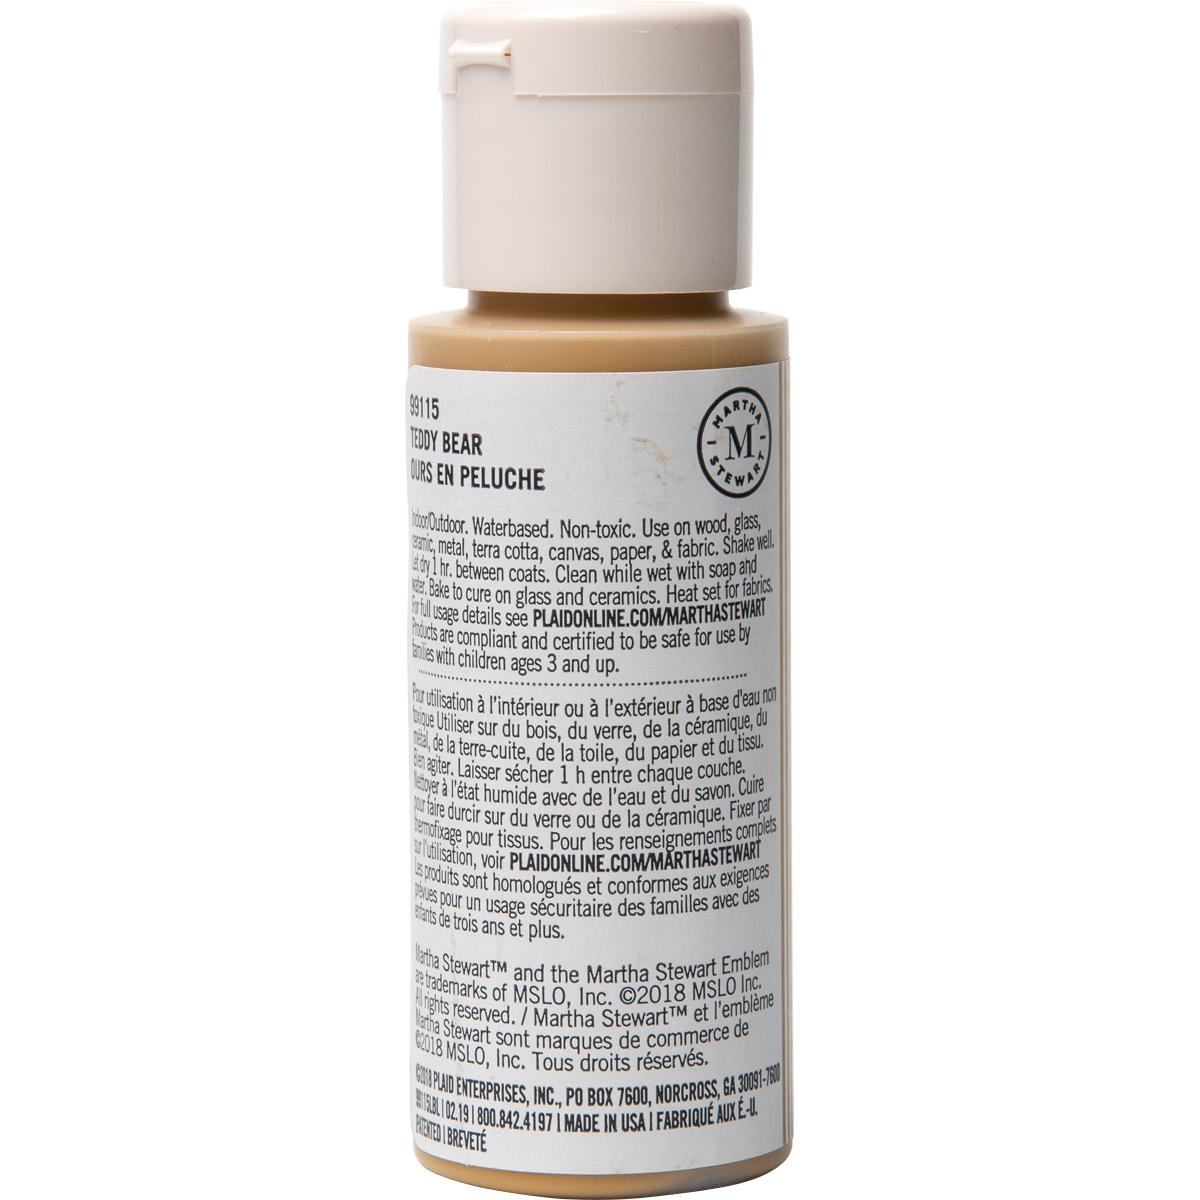 Martha Stewart ® Multi-Surface Satin Acrylic Craft Paint CPSIA - Teddy Bear, 2 oz. - 99115